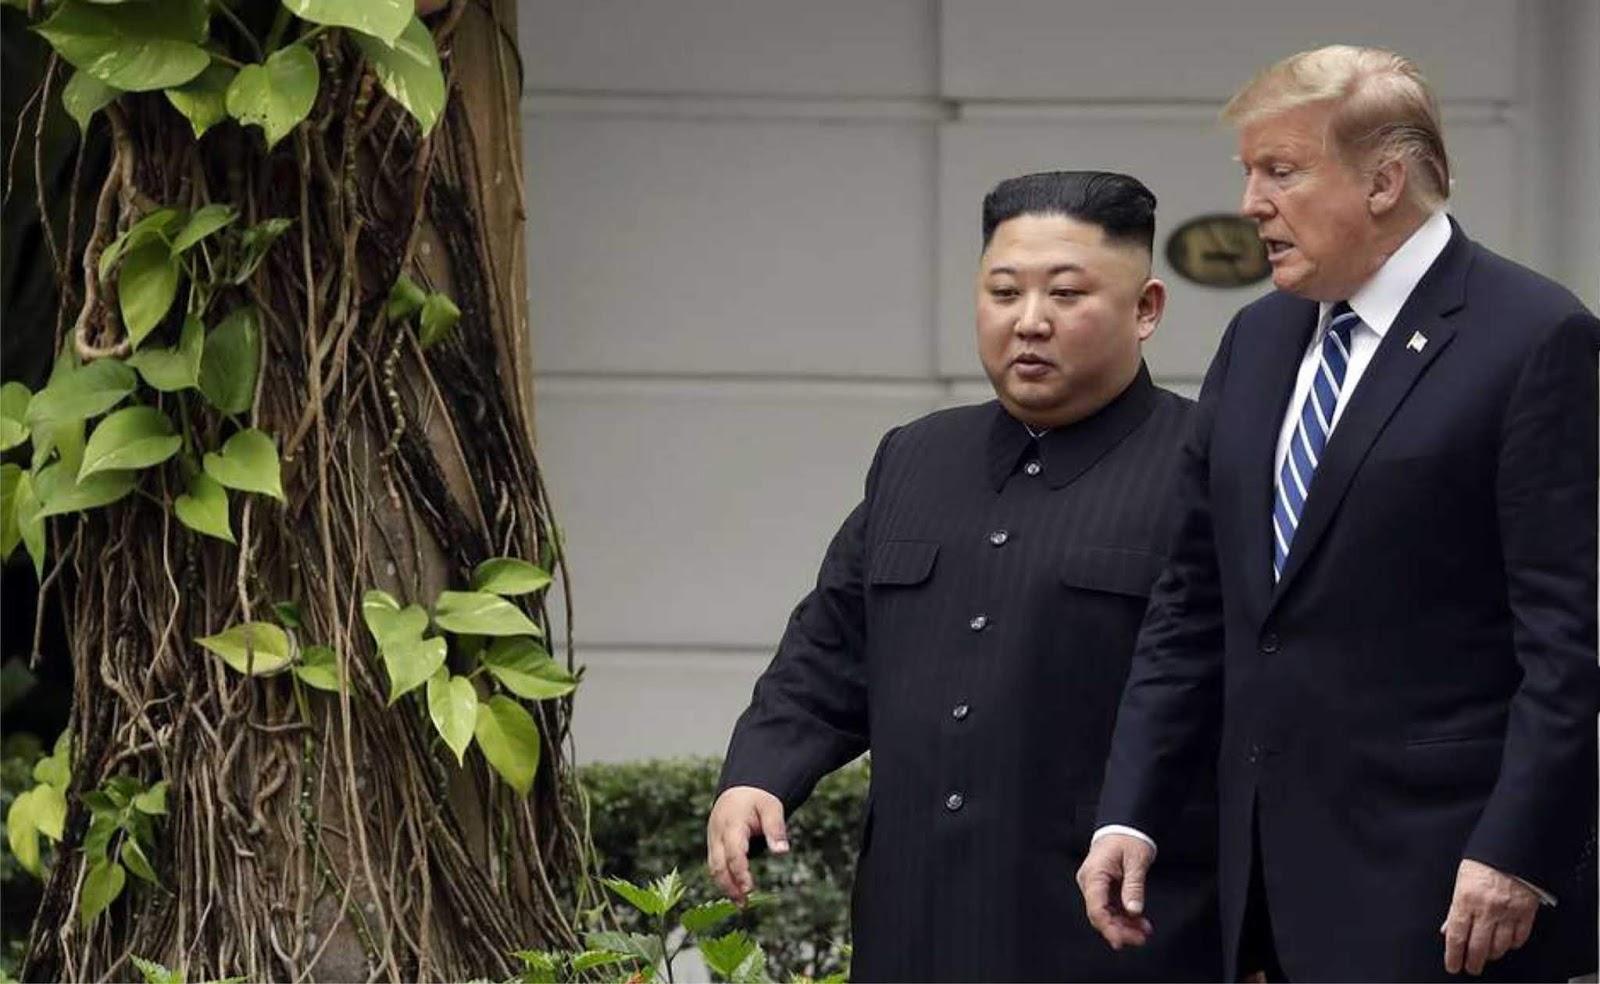 Times - KTT Hanoi berakhir lebih cepat dari jadwal karena permintaan untuk menutup pabrik nuklir rahasia